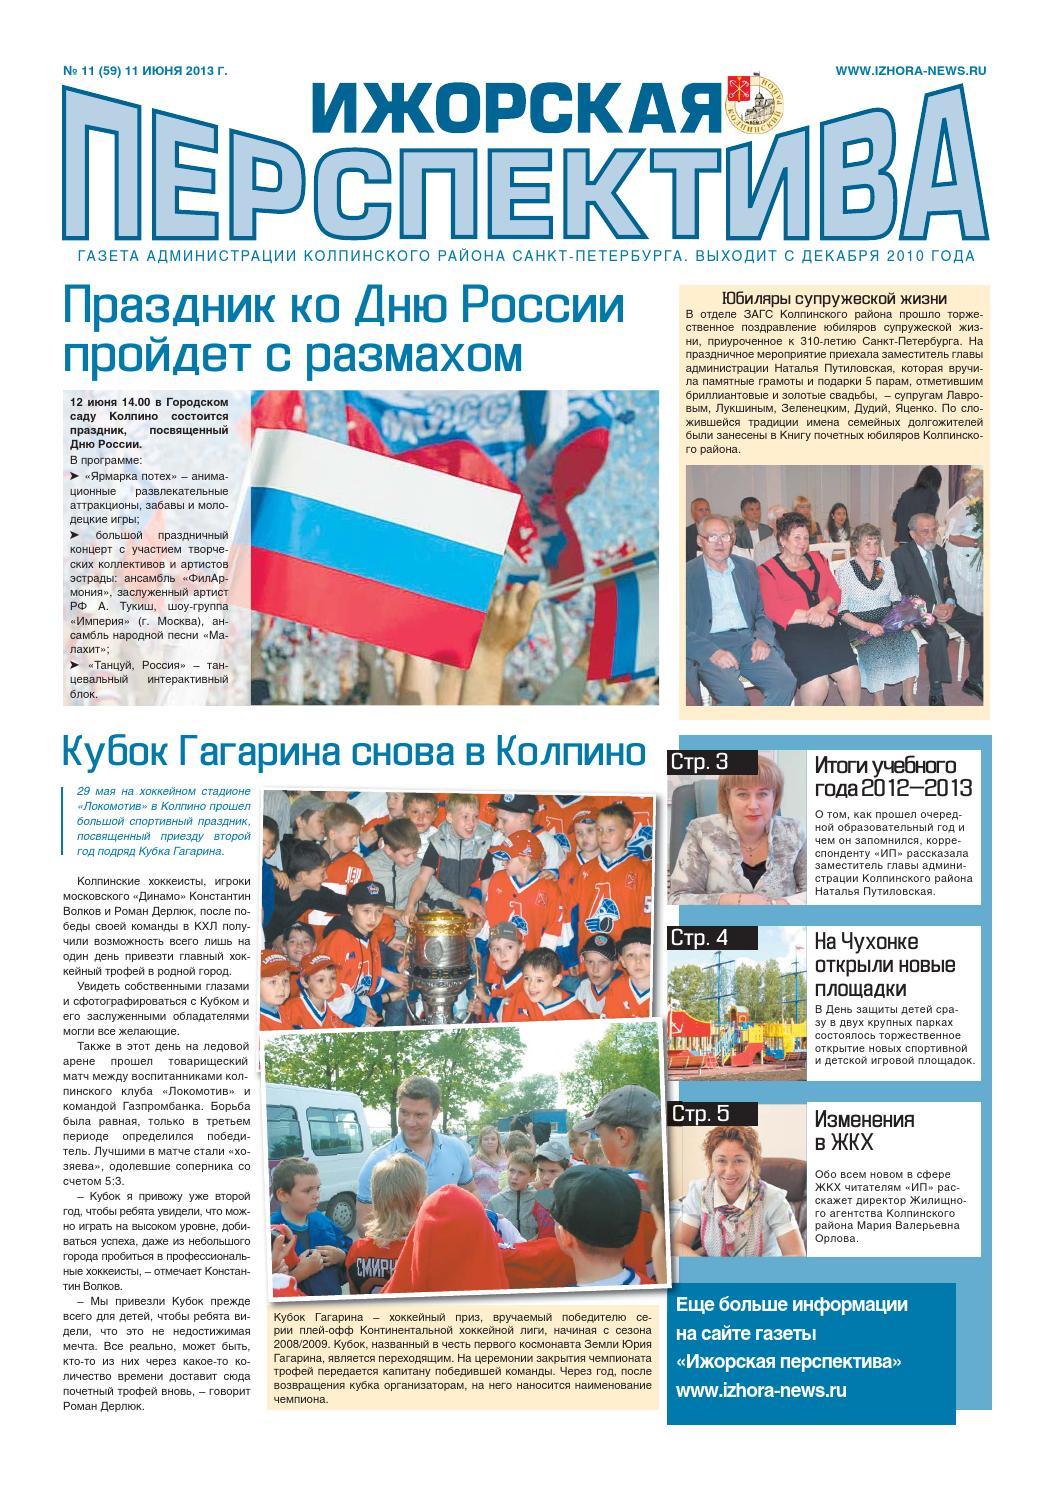 krupnim-razvlecheniya-pyanoy-molo-glubokoe